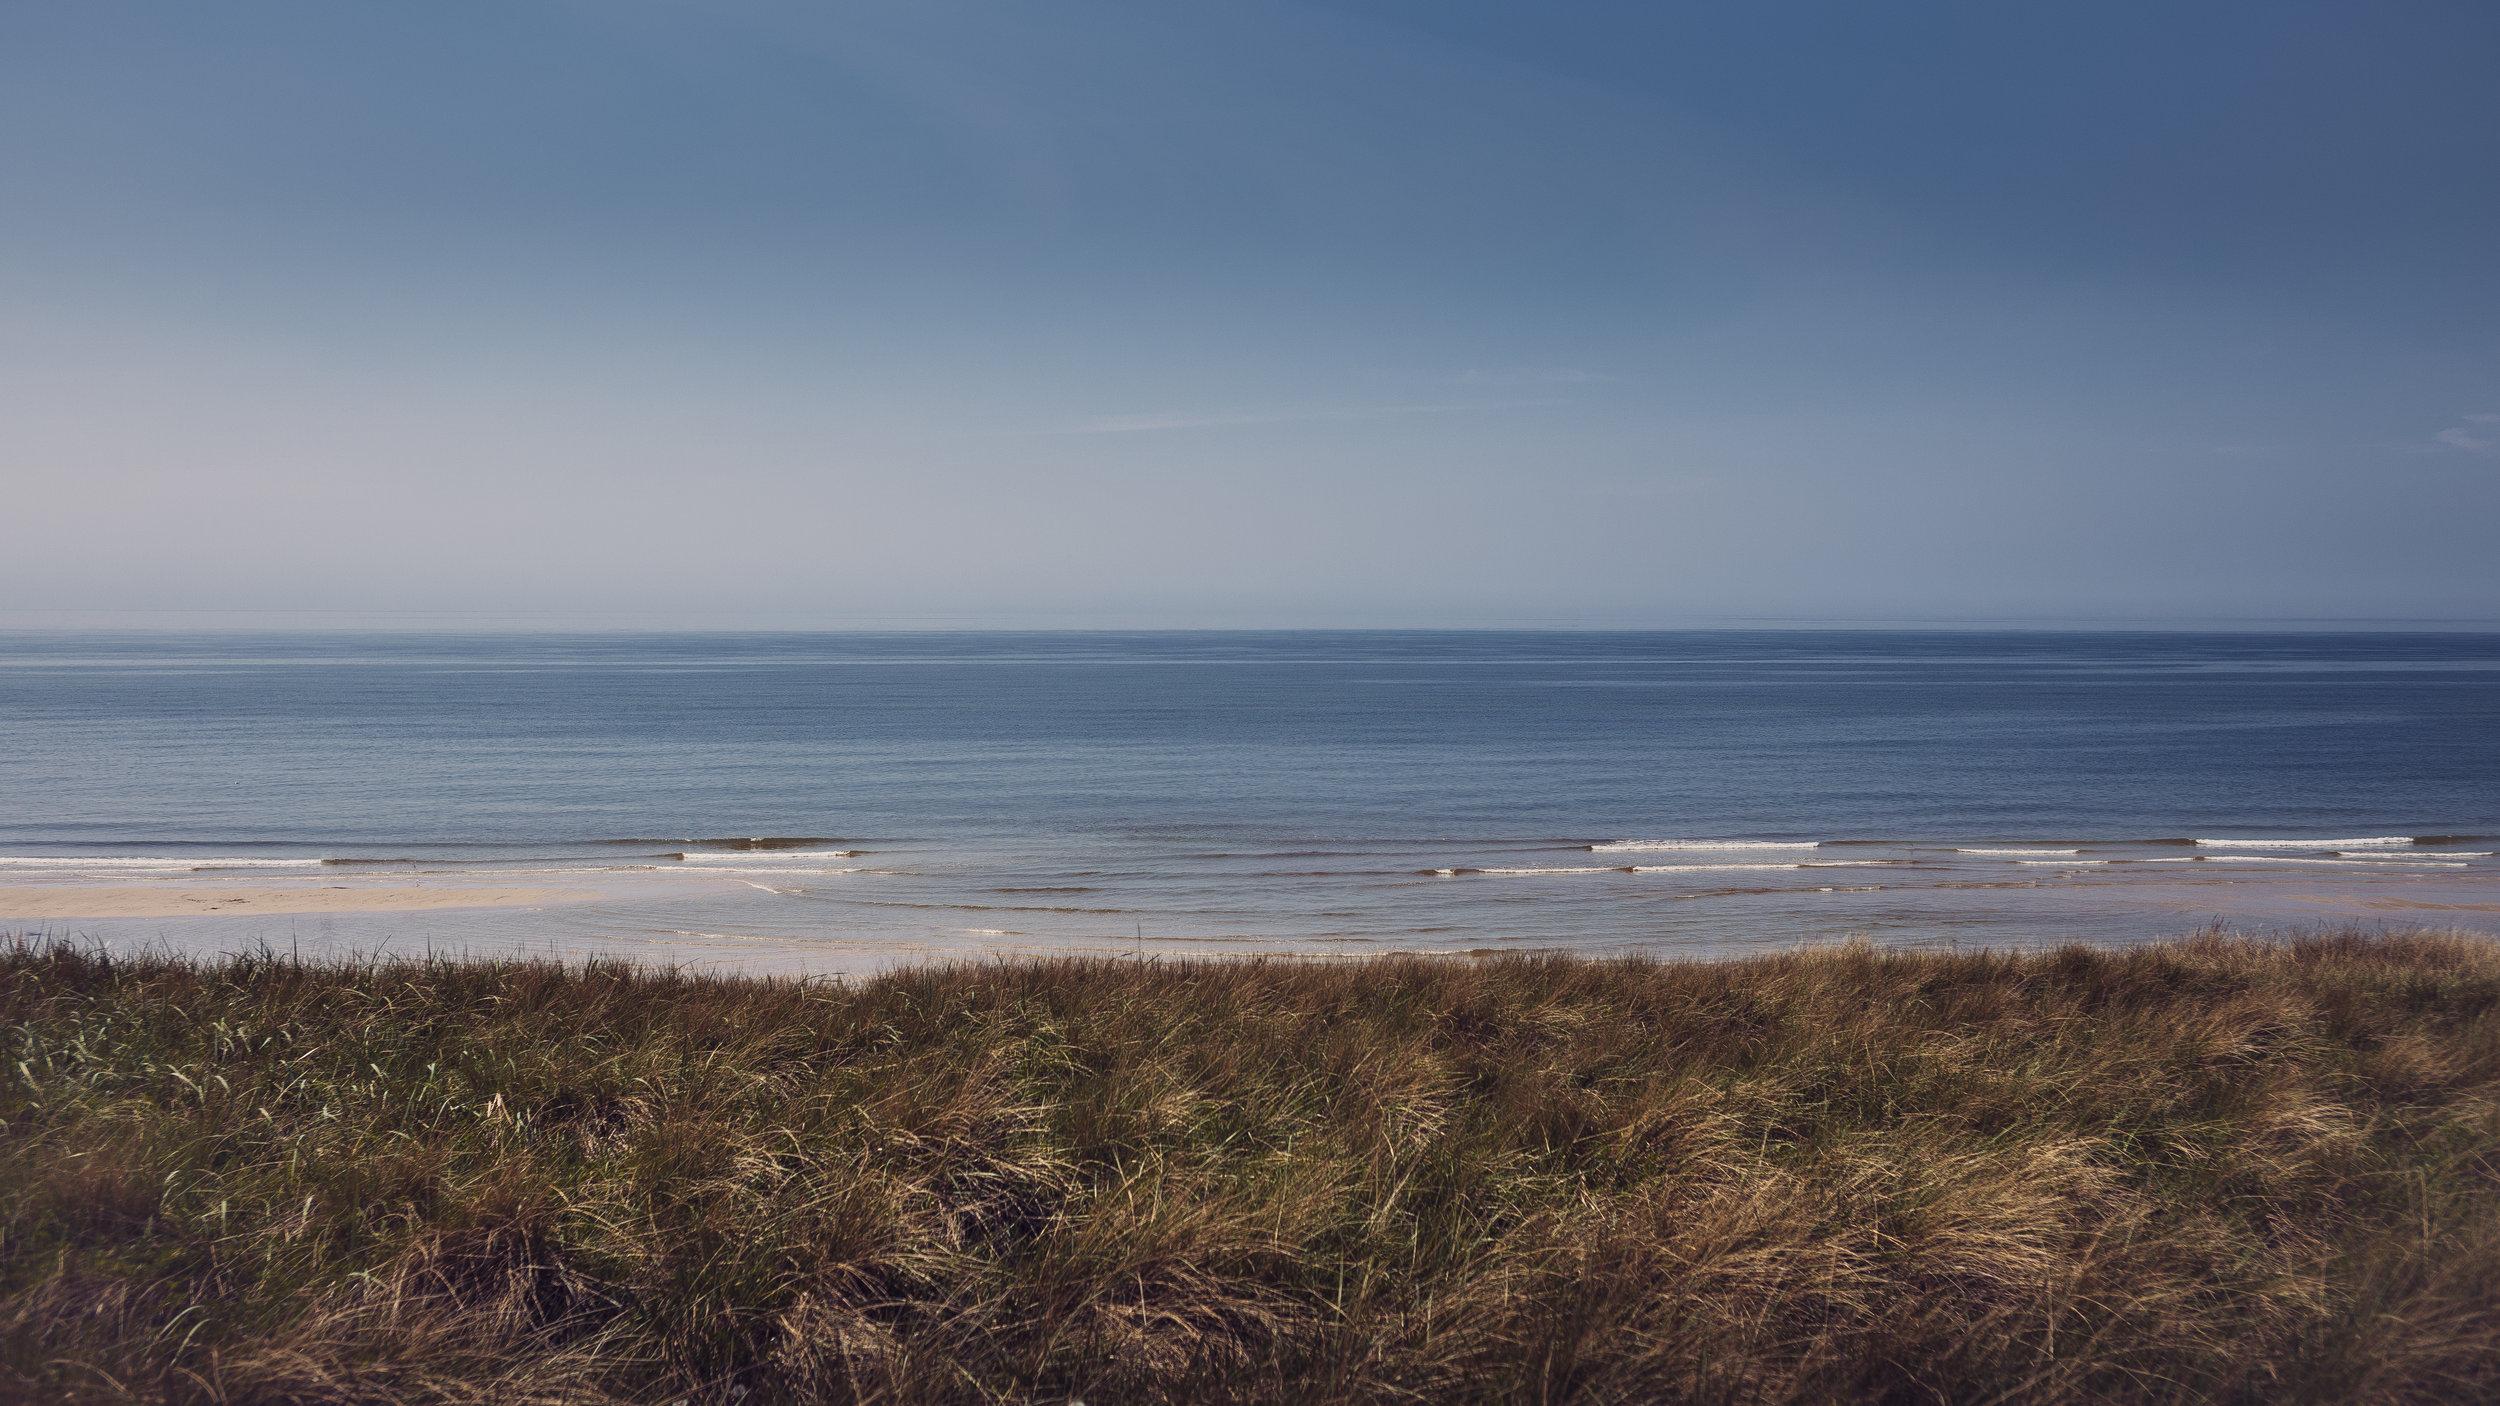 Strandmuschel_Insel.jpg